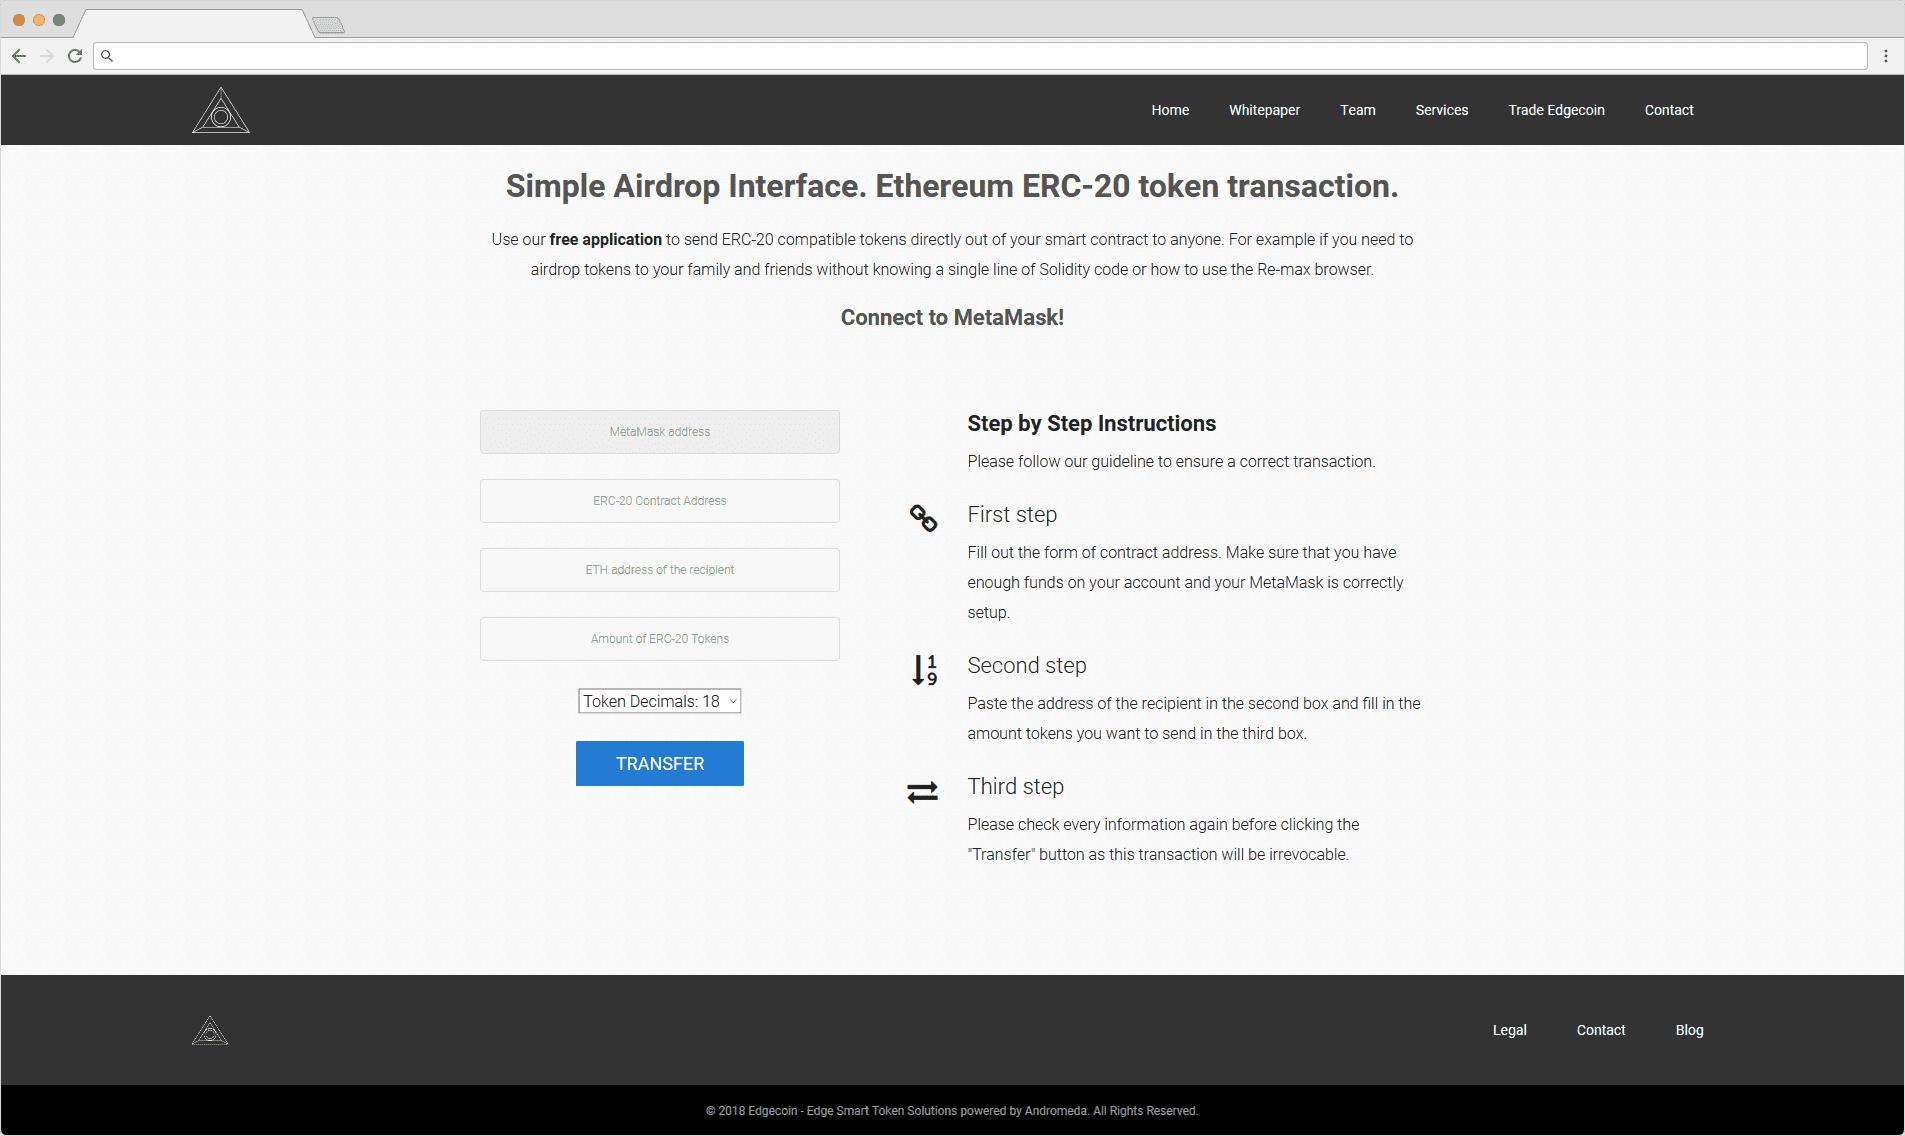 Edgecoin Token Transfer Interface DAPP